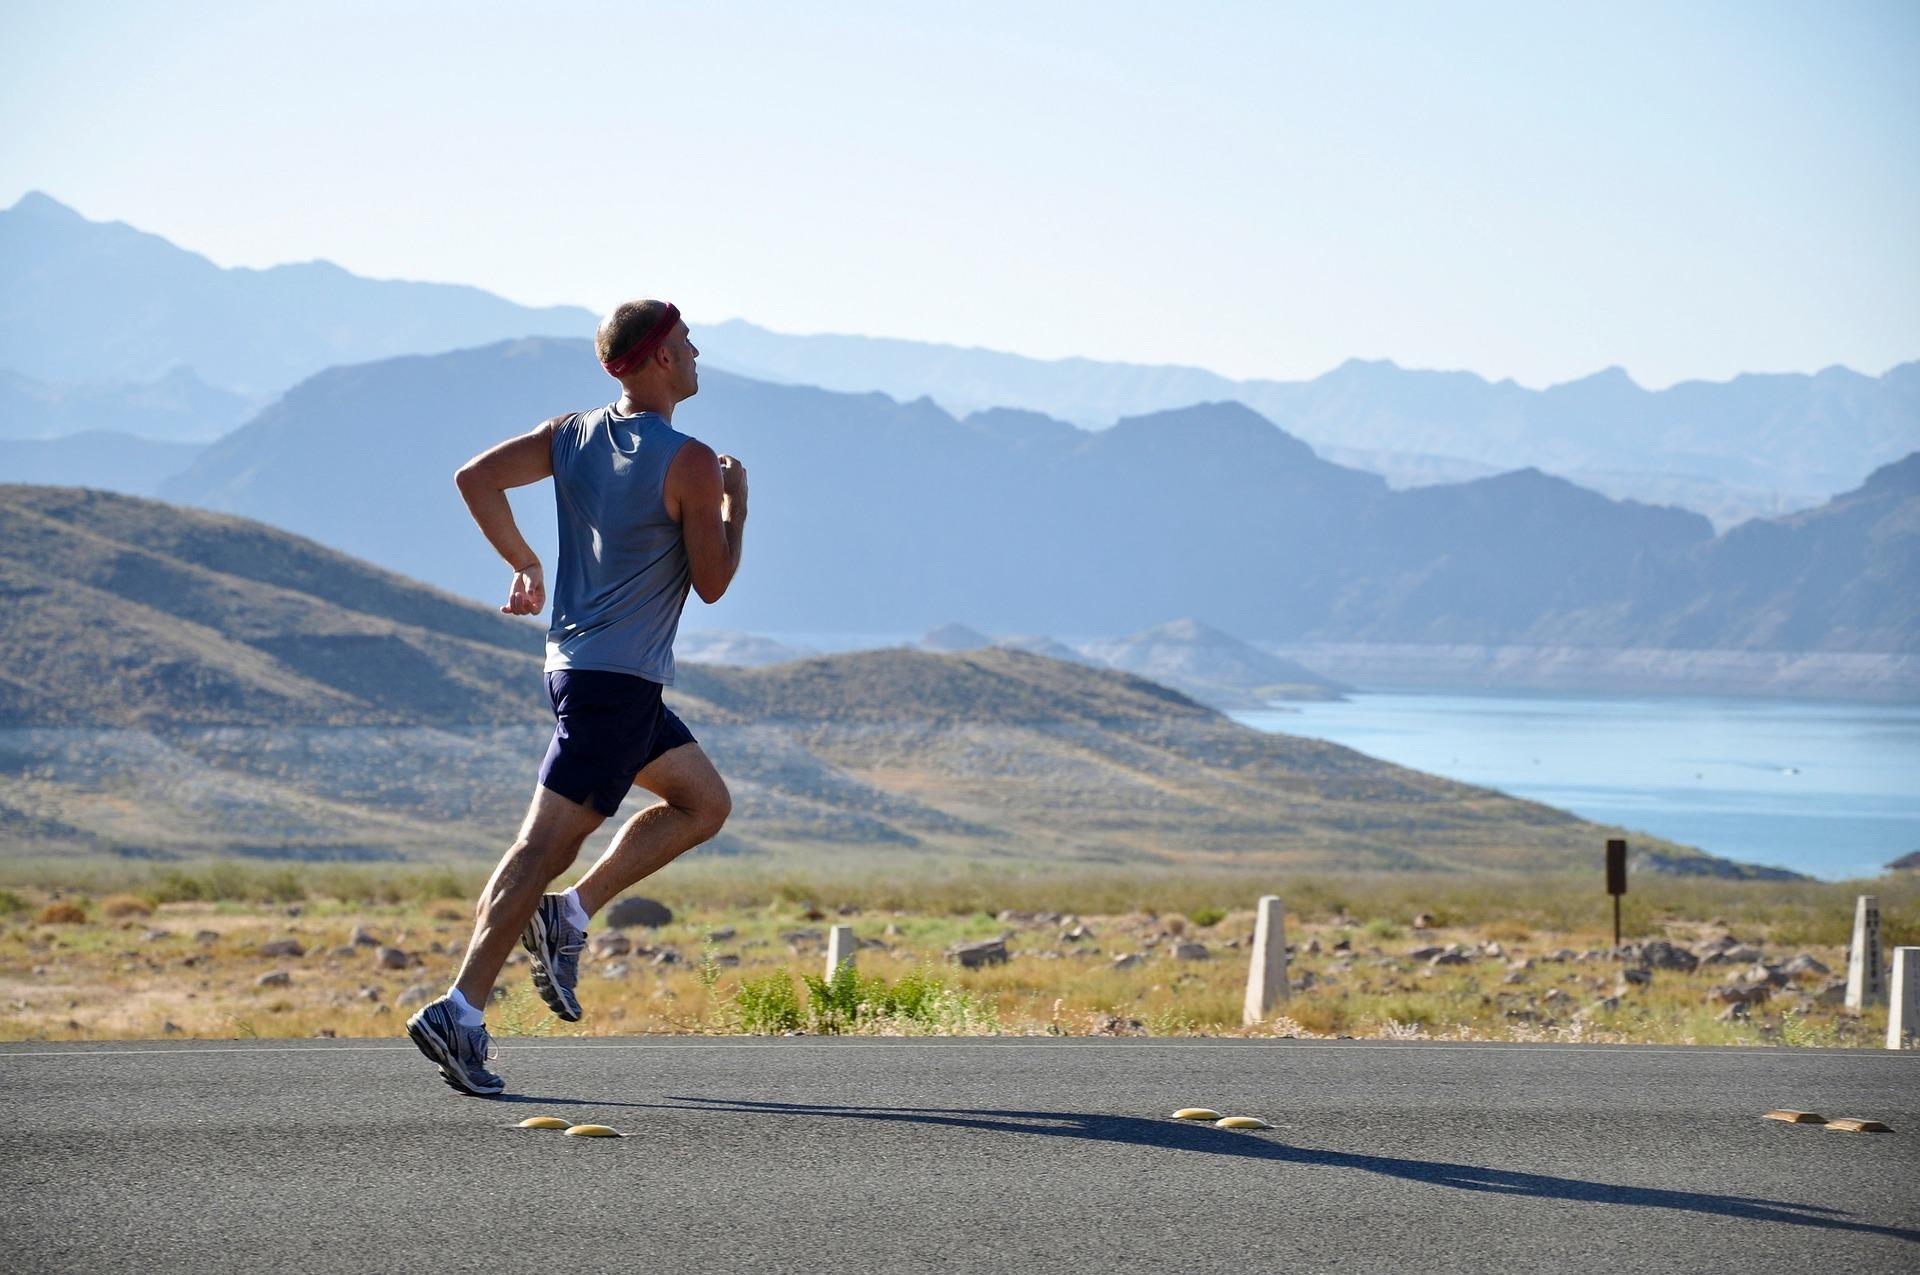 Що буде, якщо бігати кожен день, і чи це корисно